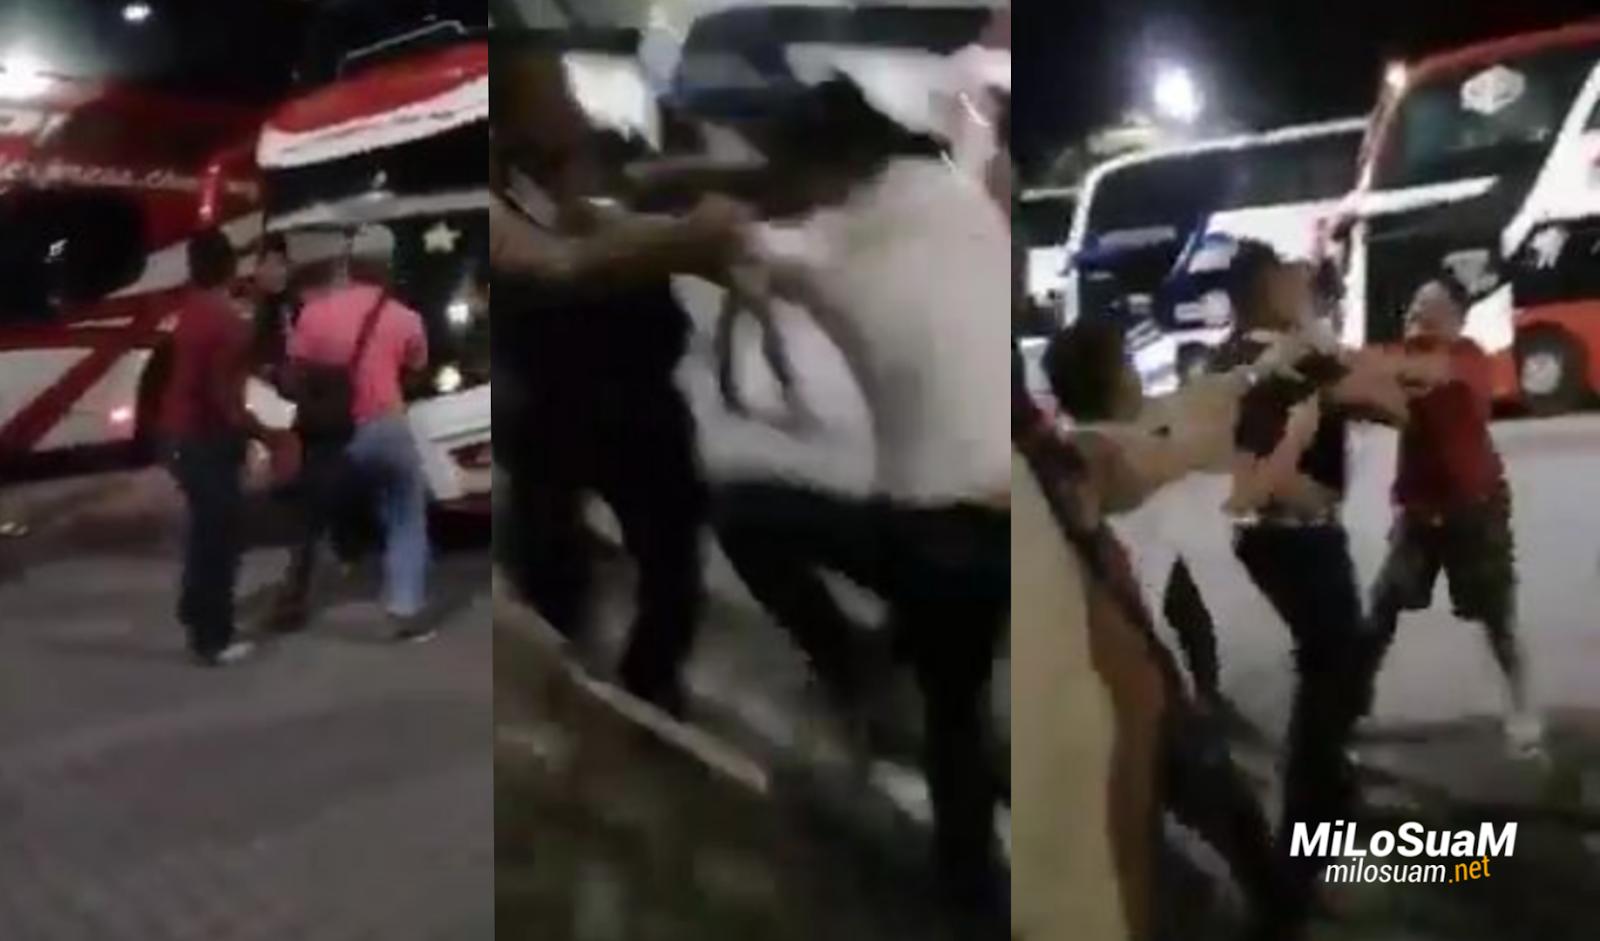 Pemandu bas kena pukul